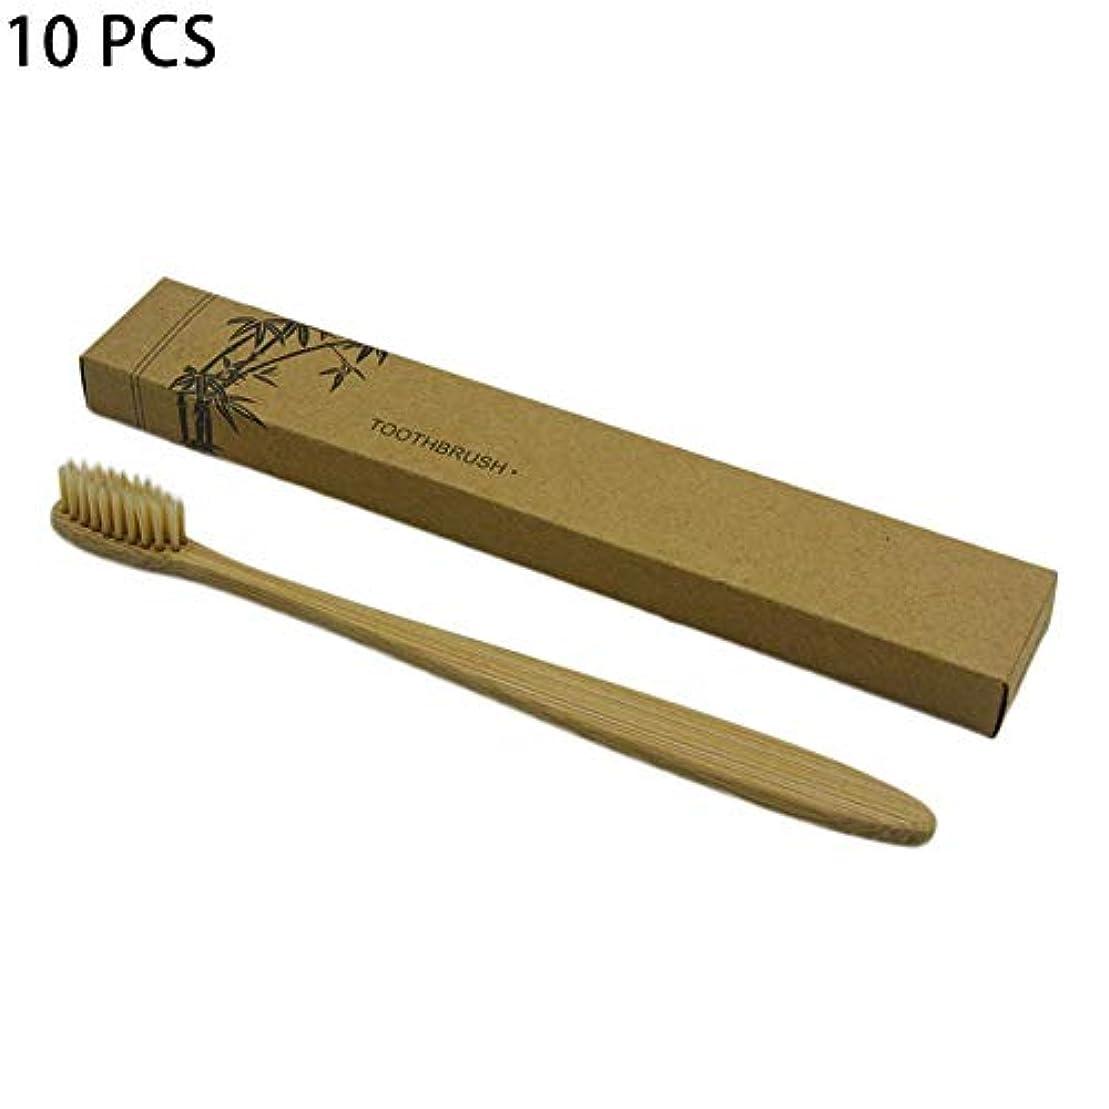 撤回する下線気怠いsnowflake 歯ブラシ 10 PCS 竹歯ブラシ やわらかめ 超コンパクト 環境に優しい ソフトブレスト 清潔 軽量 携帯便利 旅行出張に最適 家族用 密度が多い 黒、カーキ 18 cm(カーキ) latest